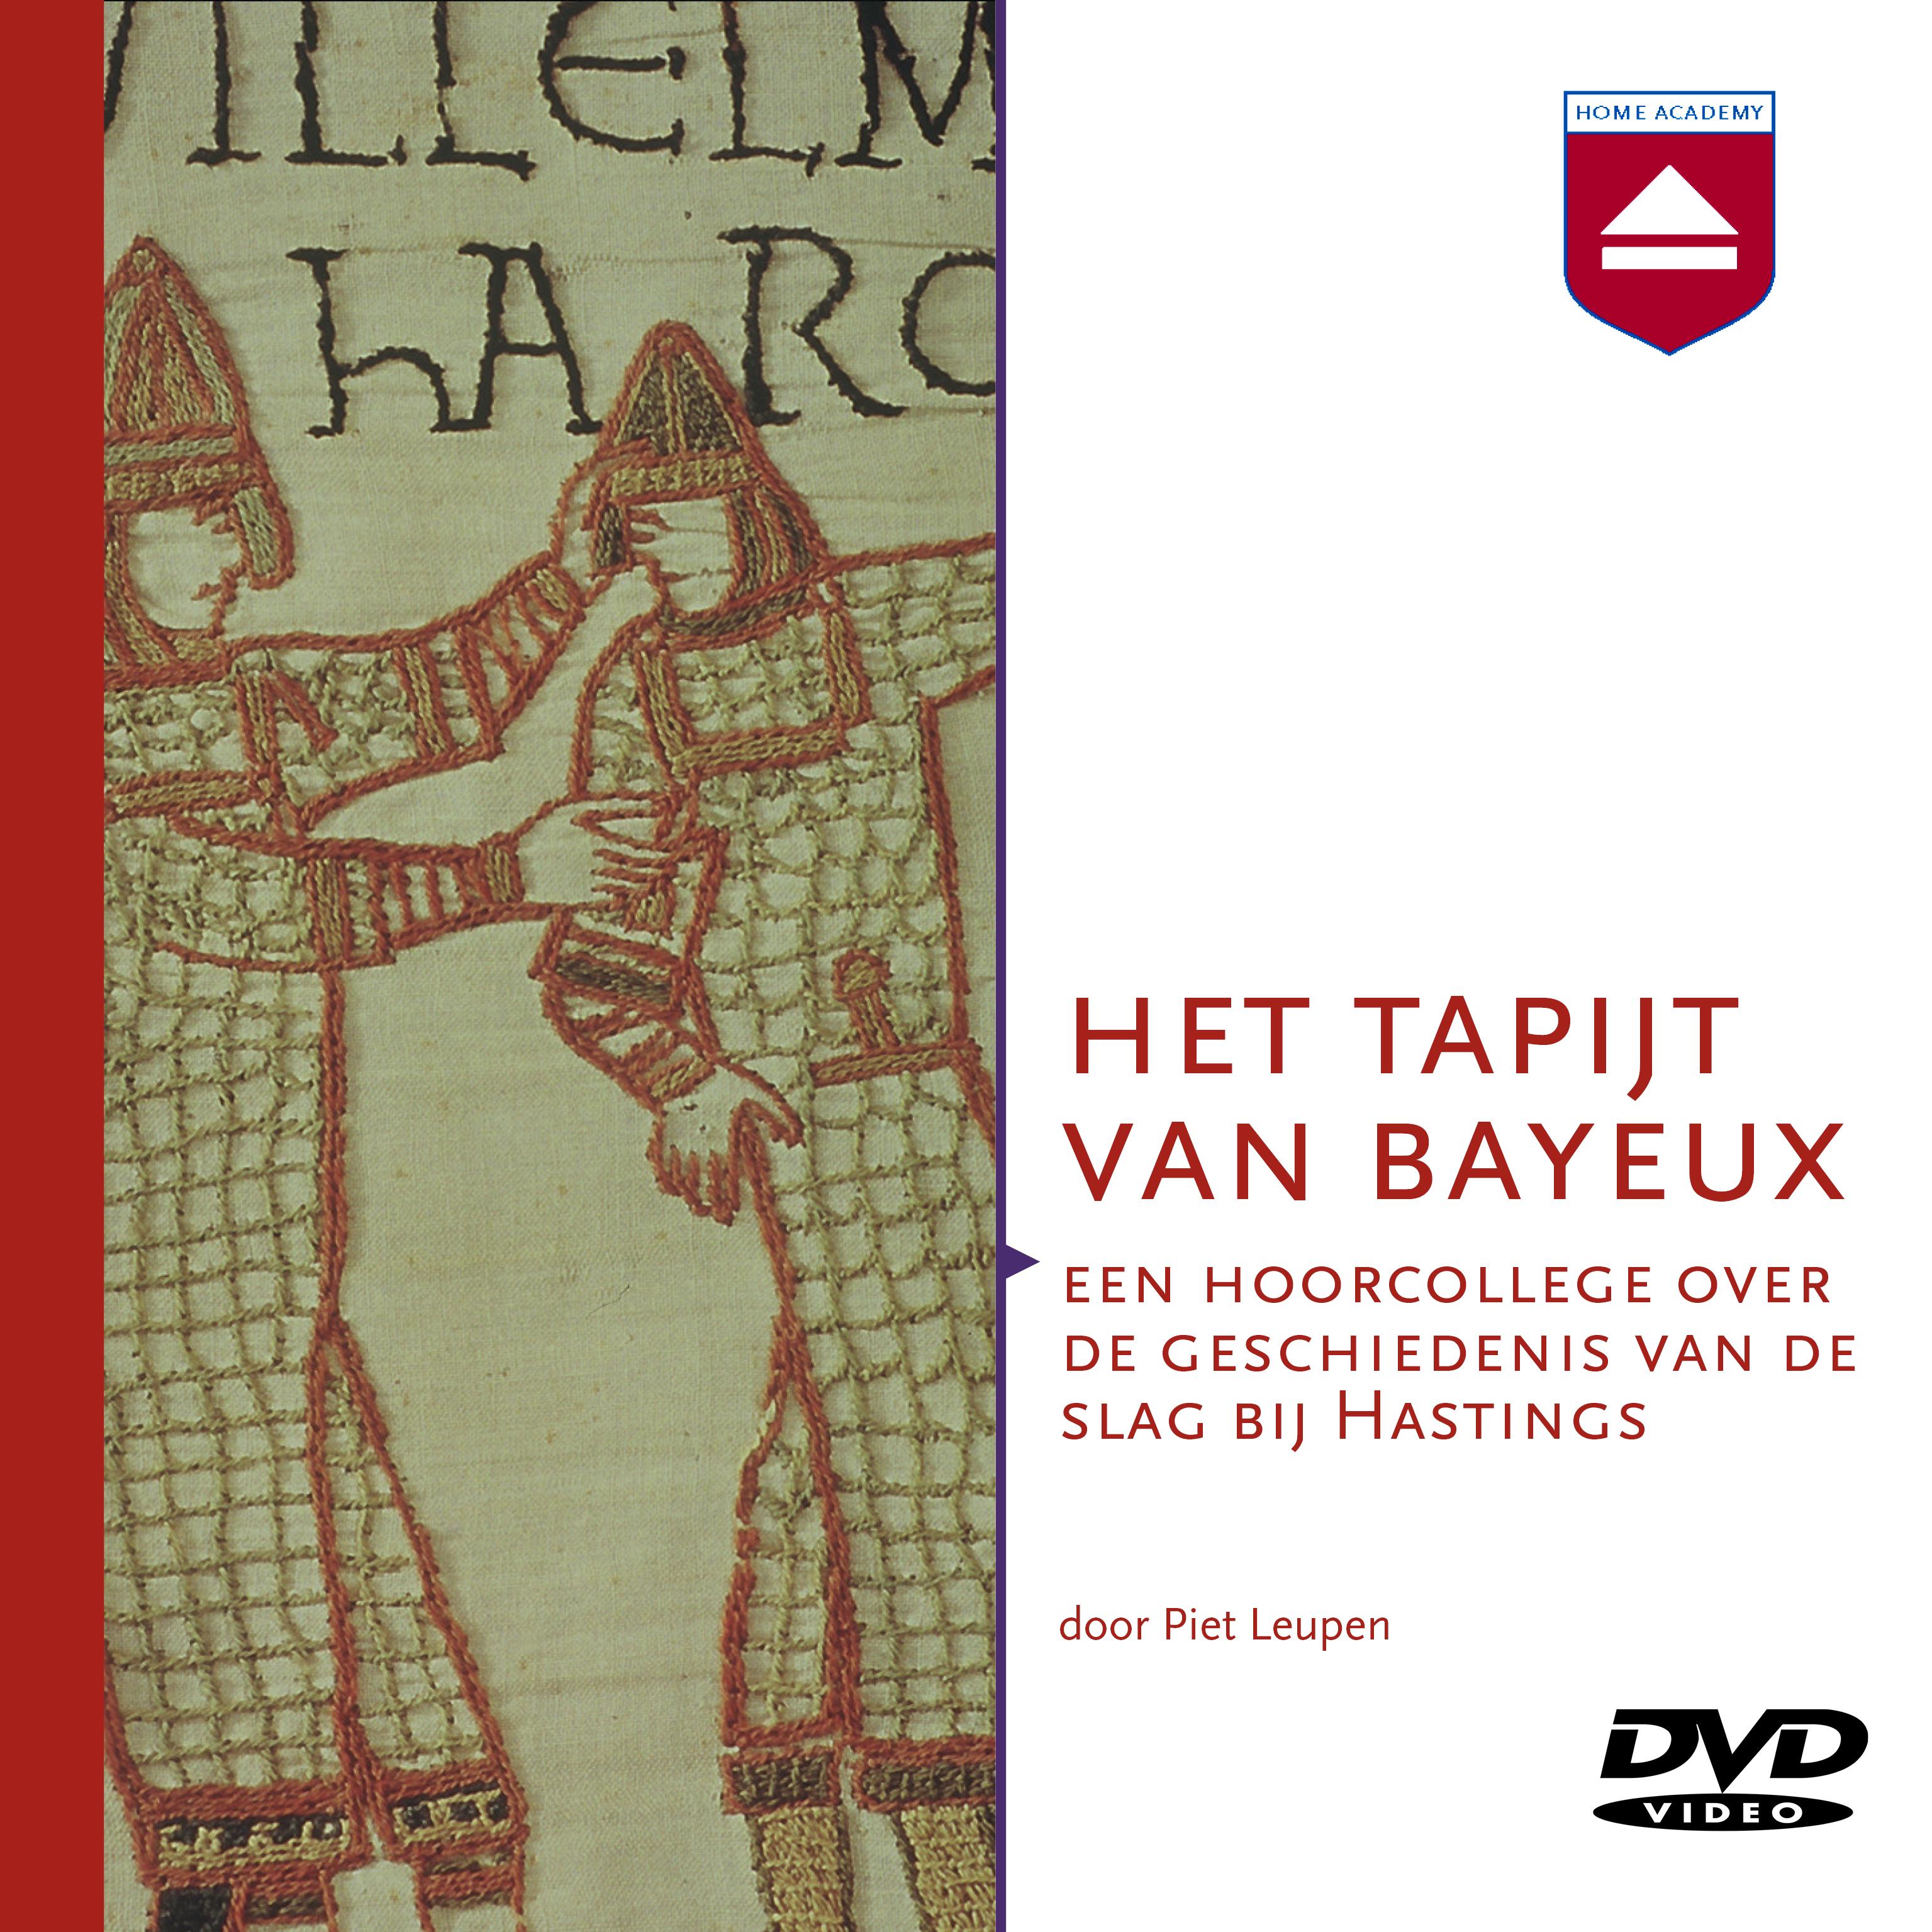 Het tapijt van Bayeux - hoorcollege Piet Leupen